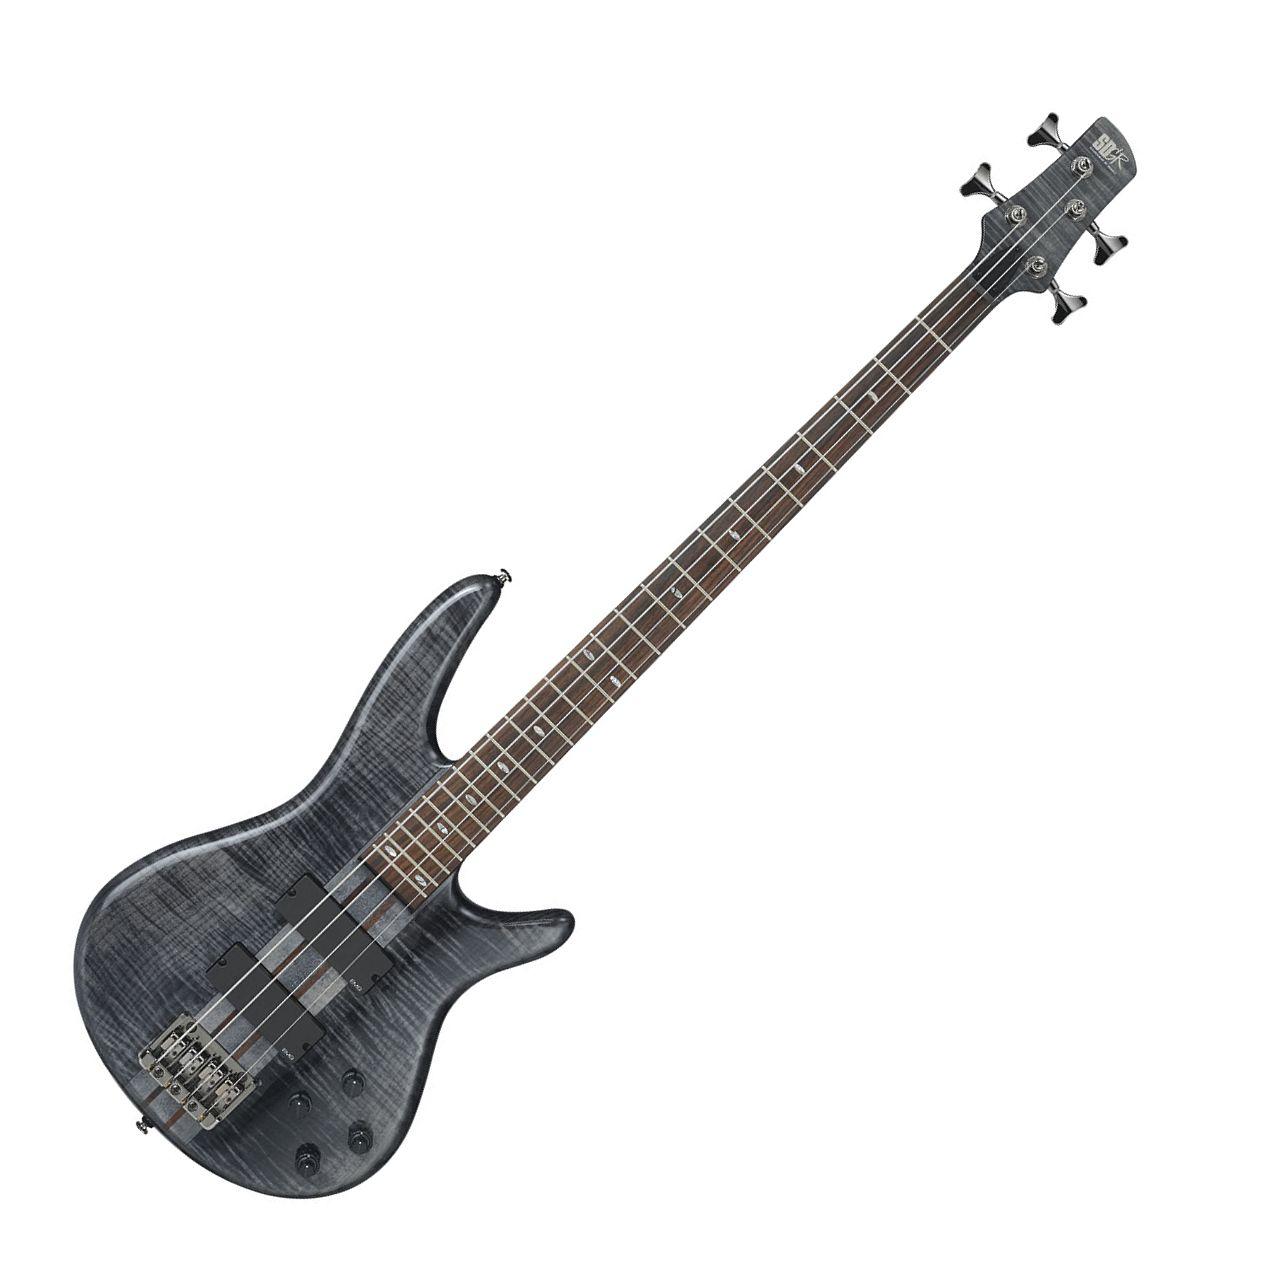 bass review for bassist ibanez srt800dx 4 string bass. Black Bedroom Furniture Sets. Home Design Ideas